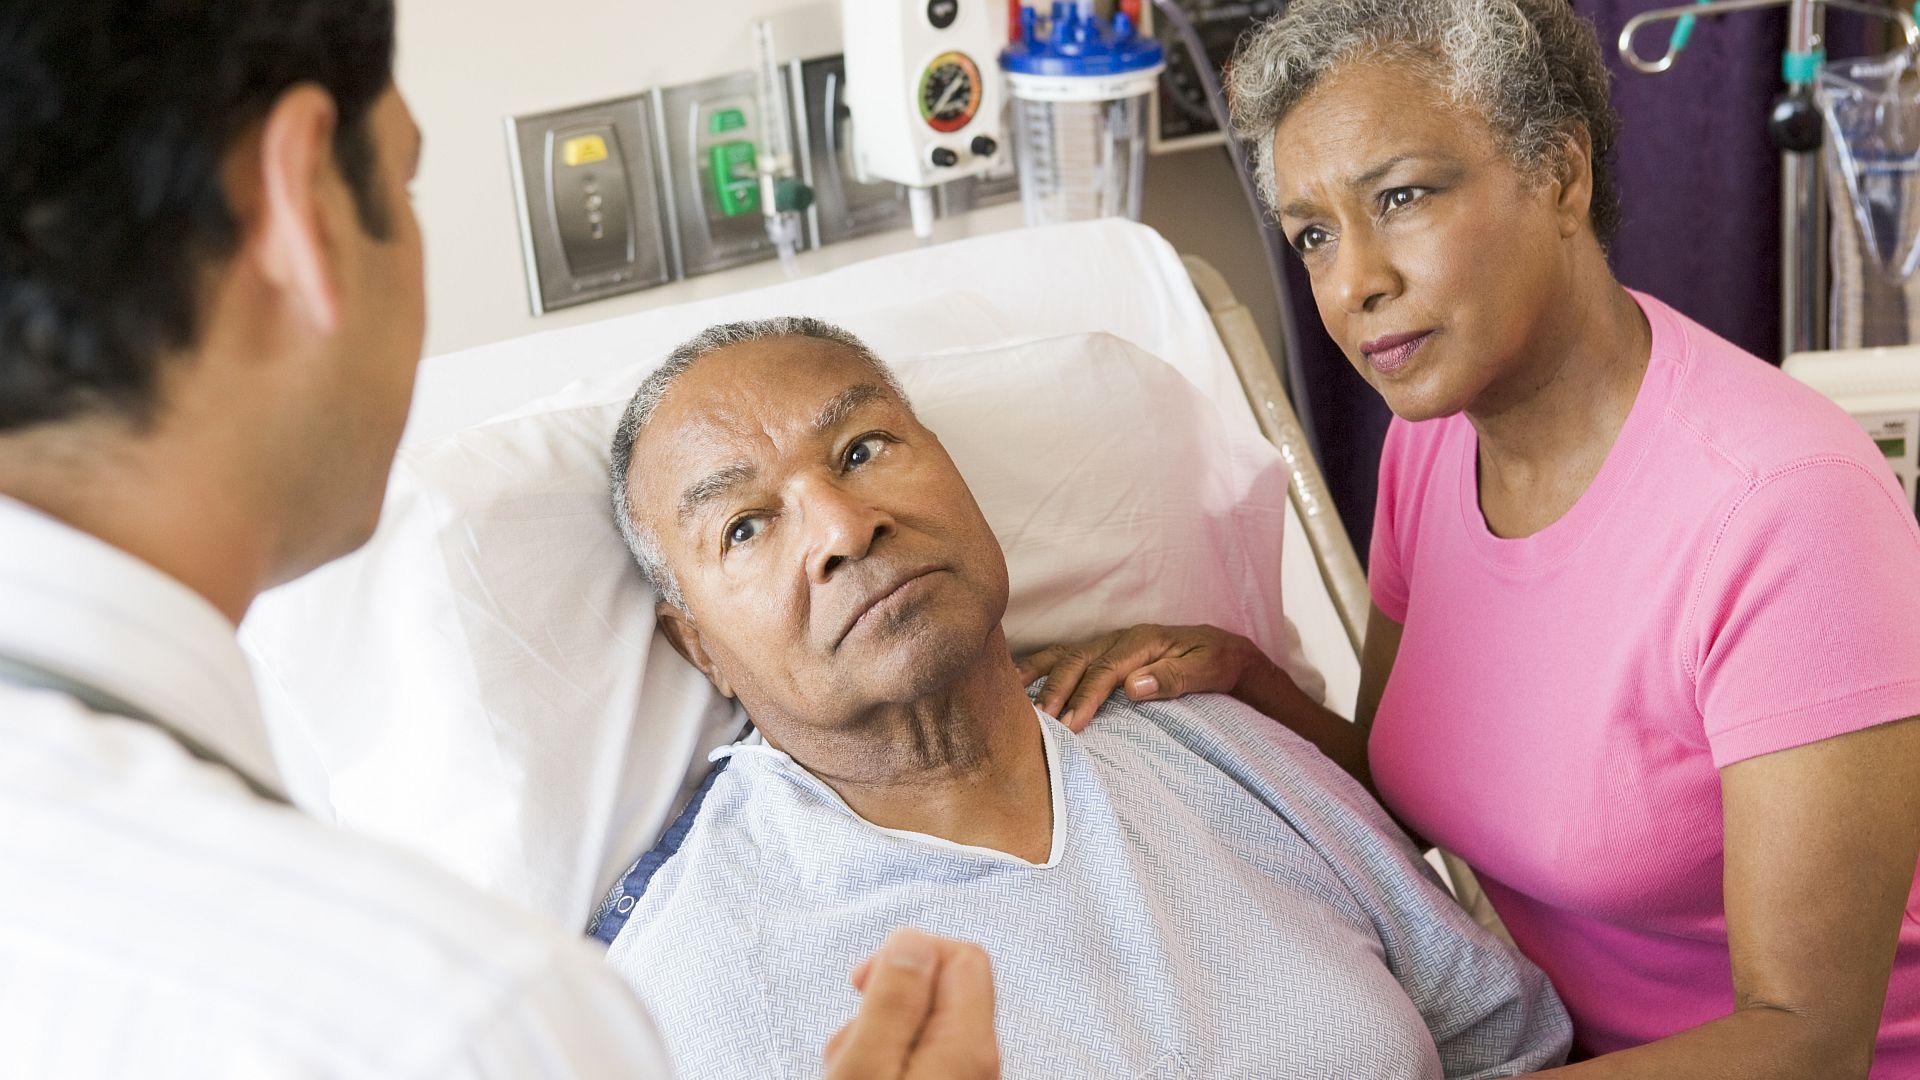 'Samen Beslissen' van patiënt en professional over diagnostiek en behandeling wordt waarschijnlijk verplicht. Hoe ziet het nieuwe wetsvoorstel eruit? Welke zaken ontbreken?